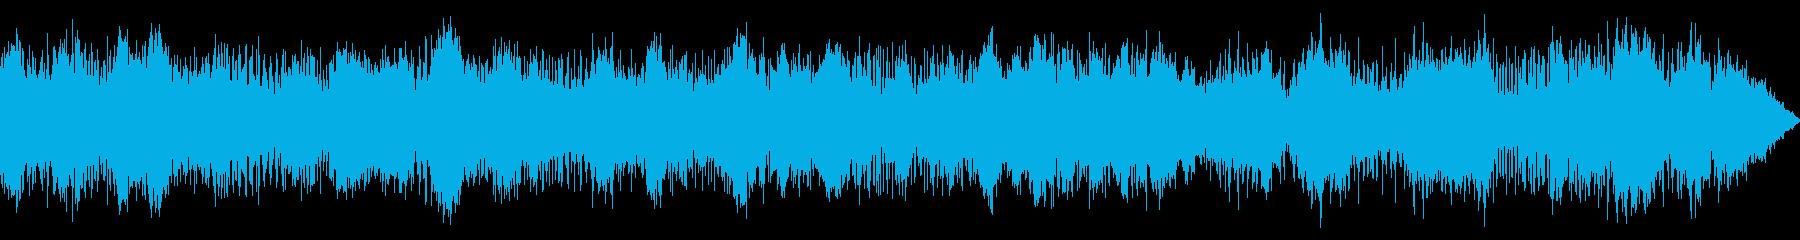 ピアノ・アンビエントの再生済みの波形